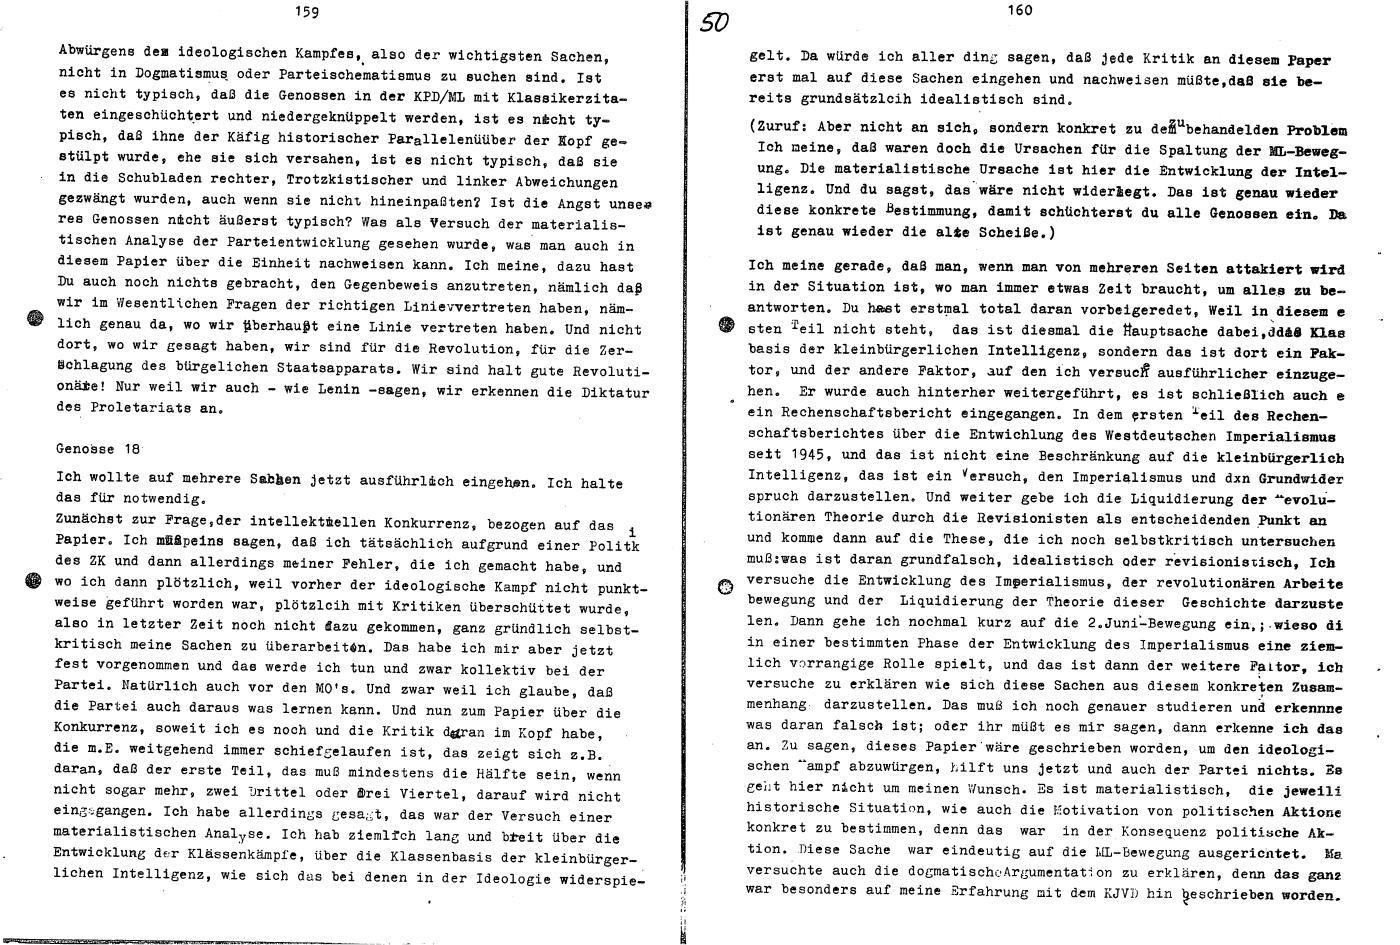 KPDML_1971_Wortprotokolle_aoPt_108